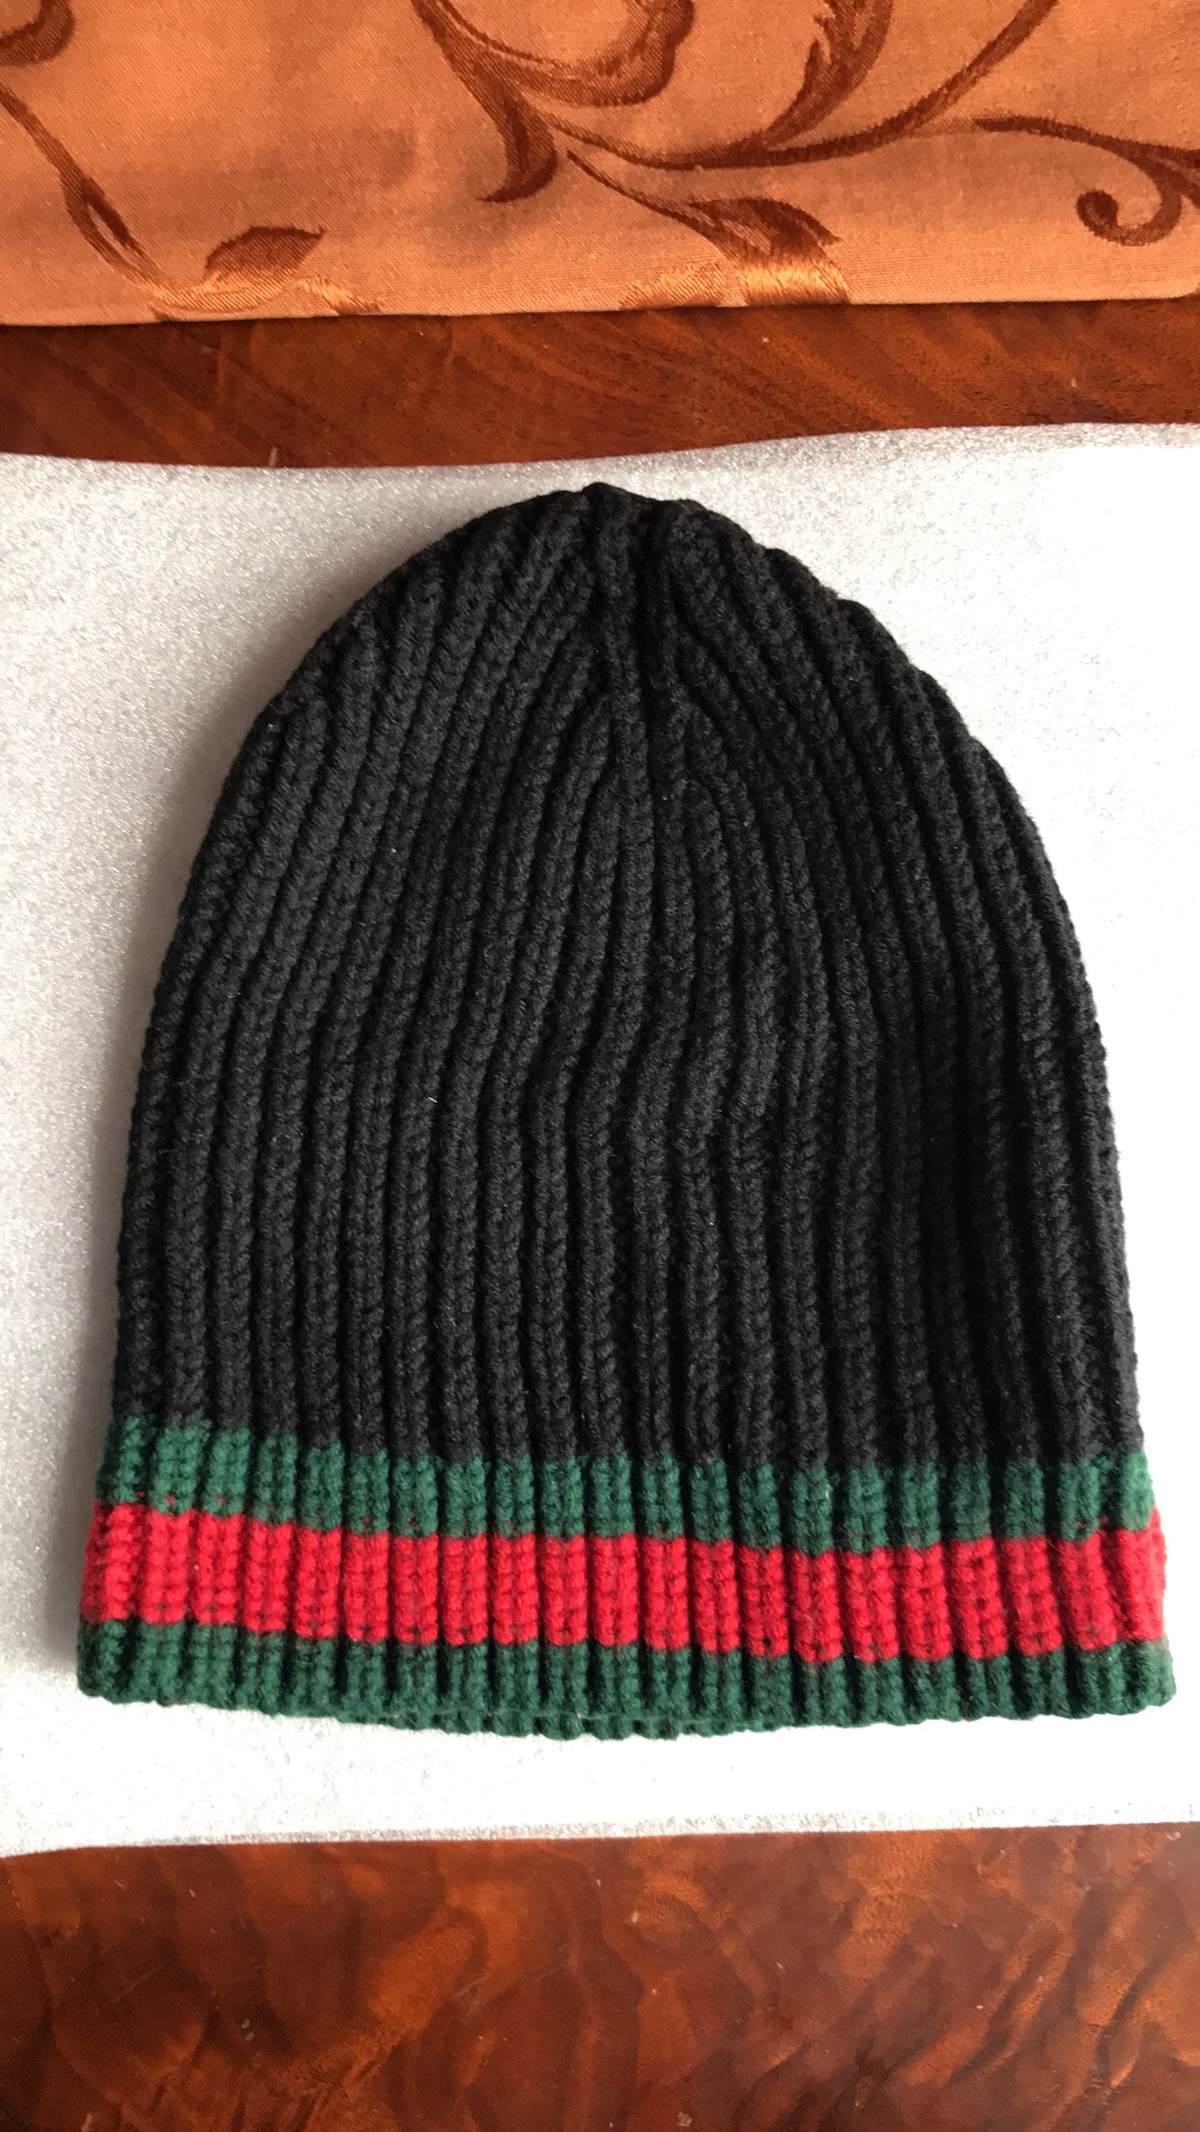 791b166d6577a Gucci Black Gucci Striped Rib Knit Wool Hat with Green Red Web Size ...